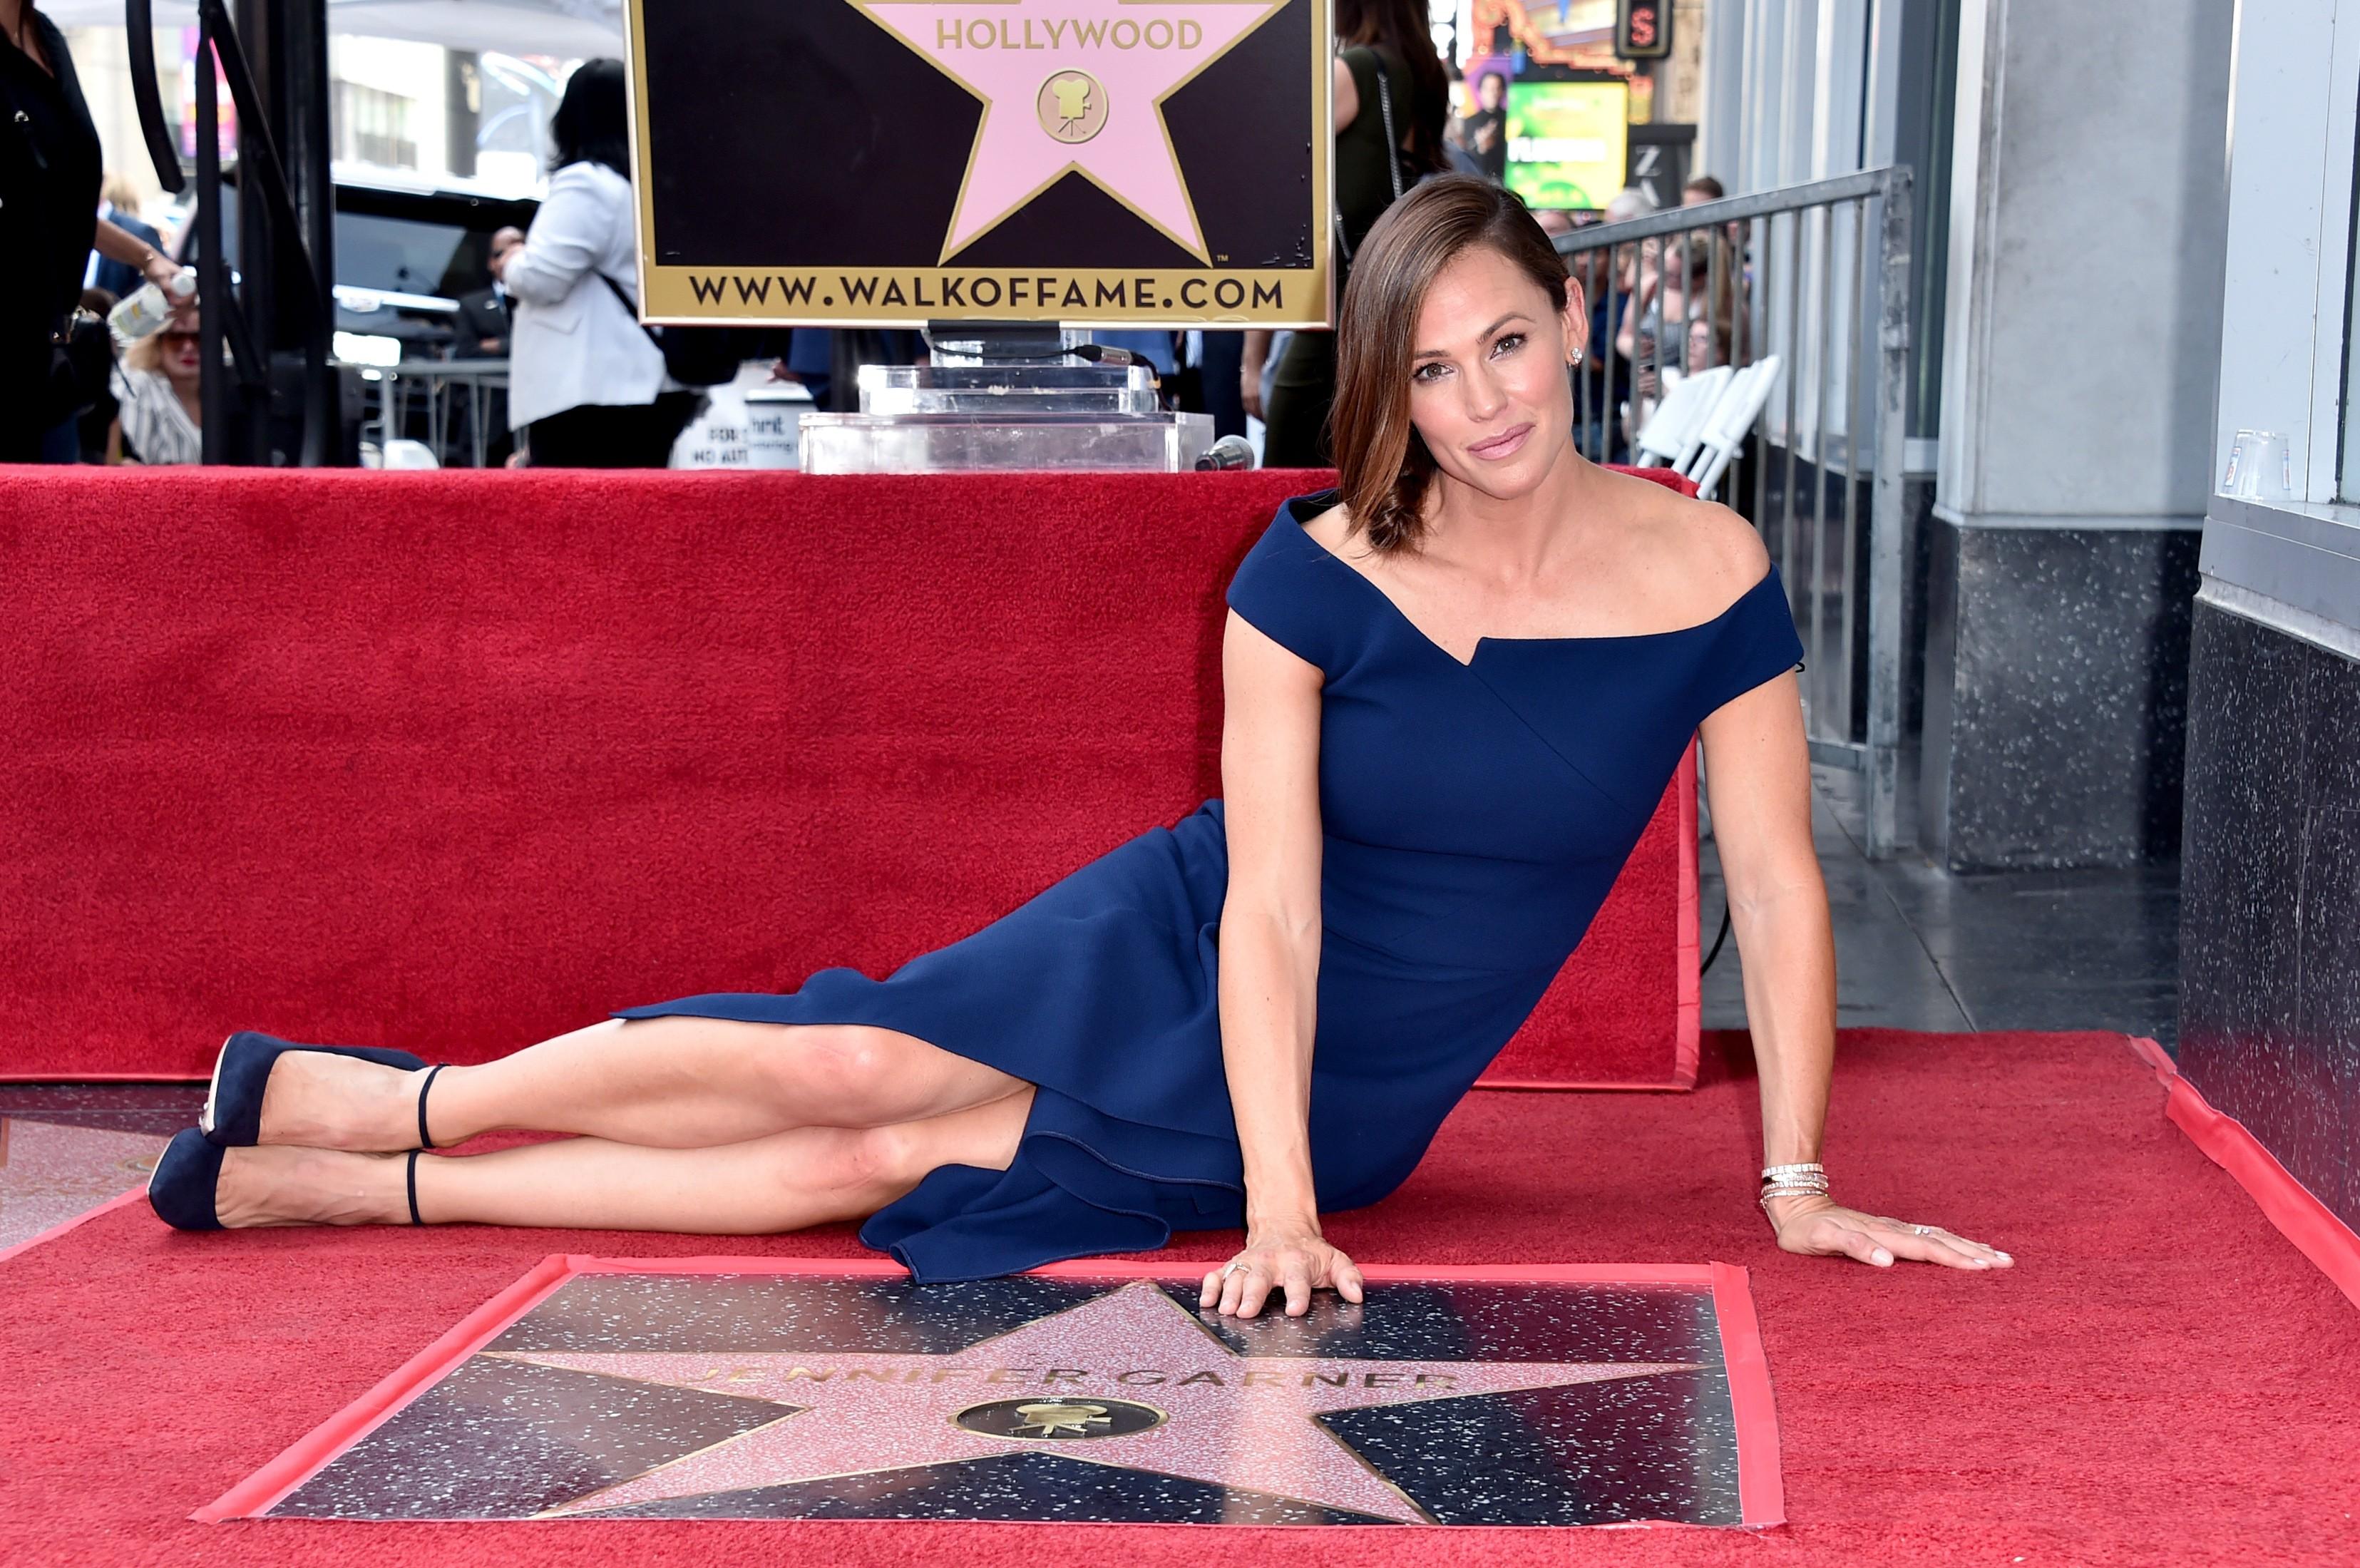 A atriz Jennifer Garner na cerimônia de inauguração de sua estrela na Calçada da Fama de Hollywood (Foto: Getty Images)